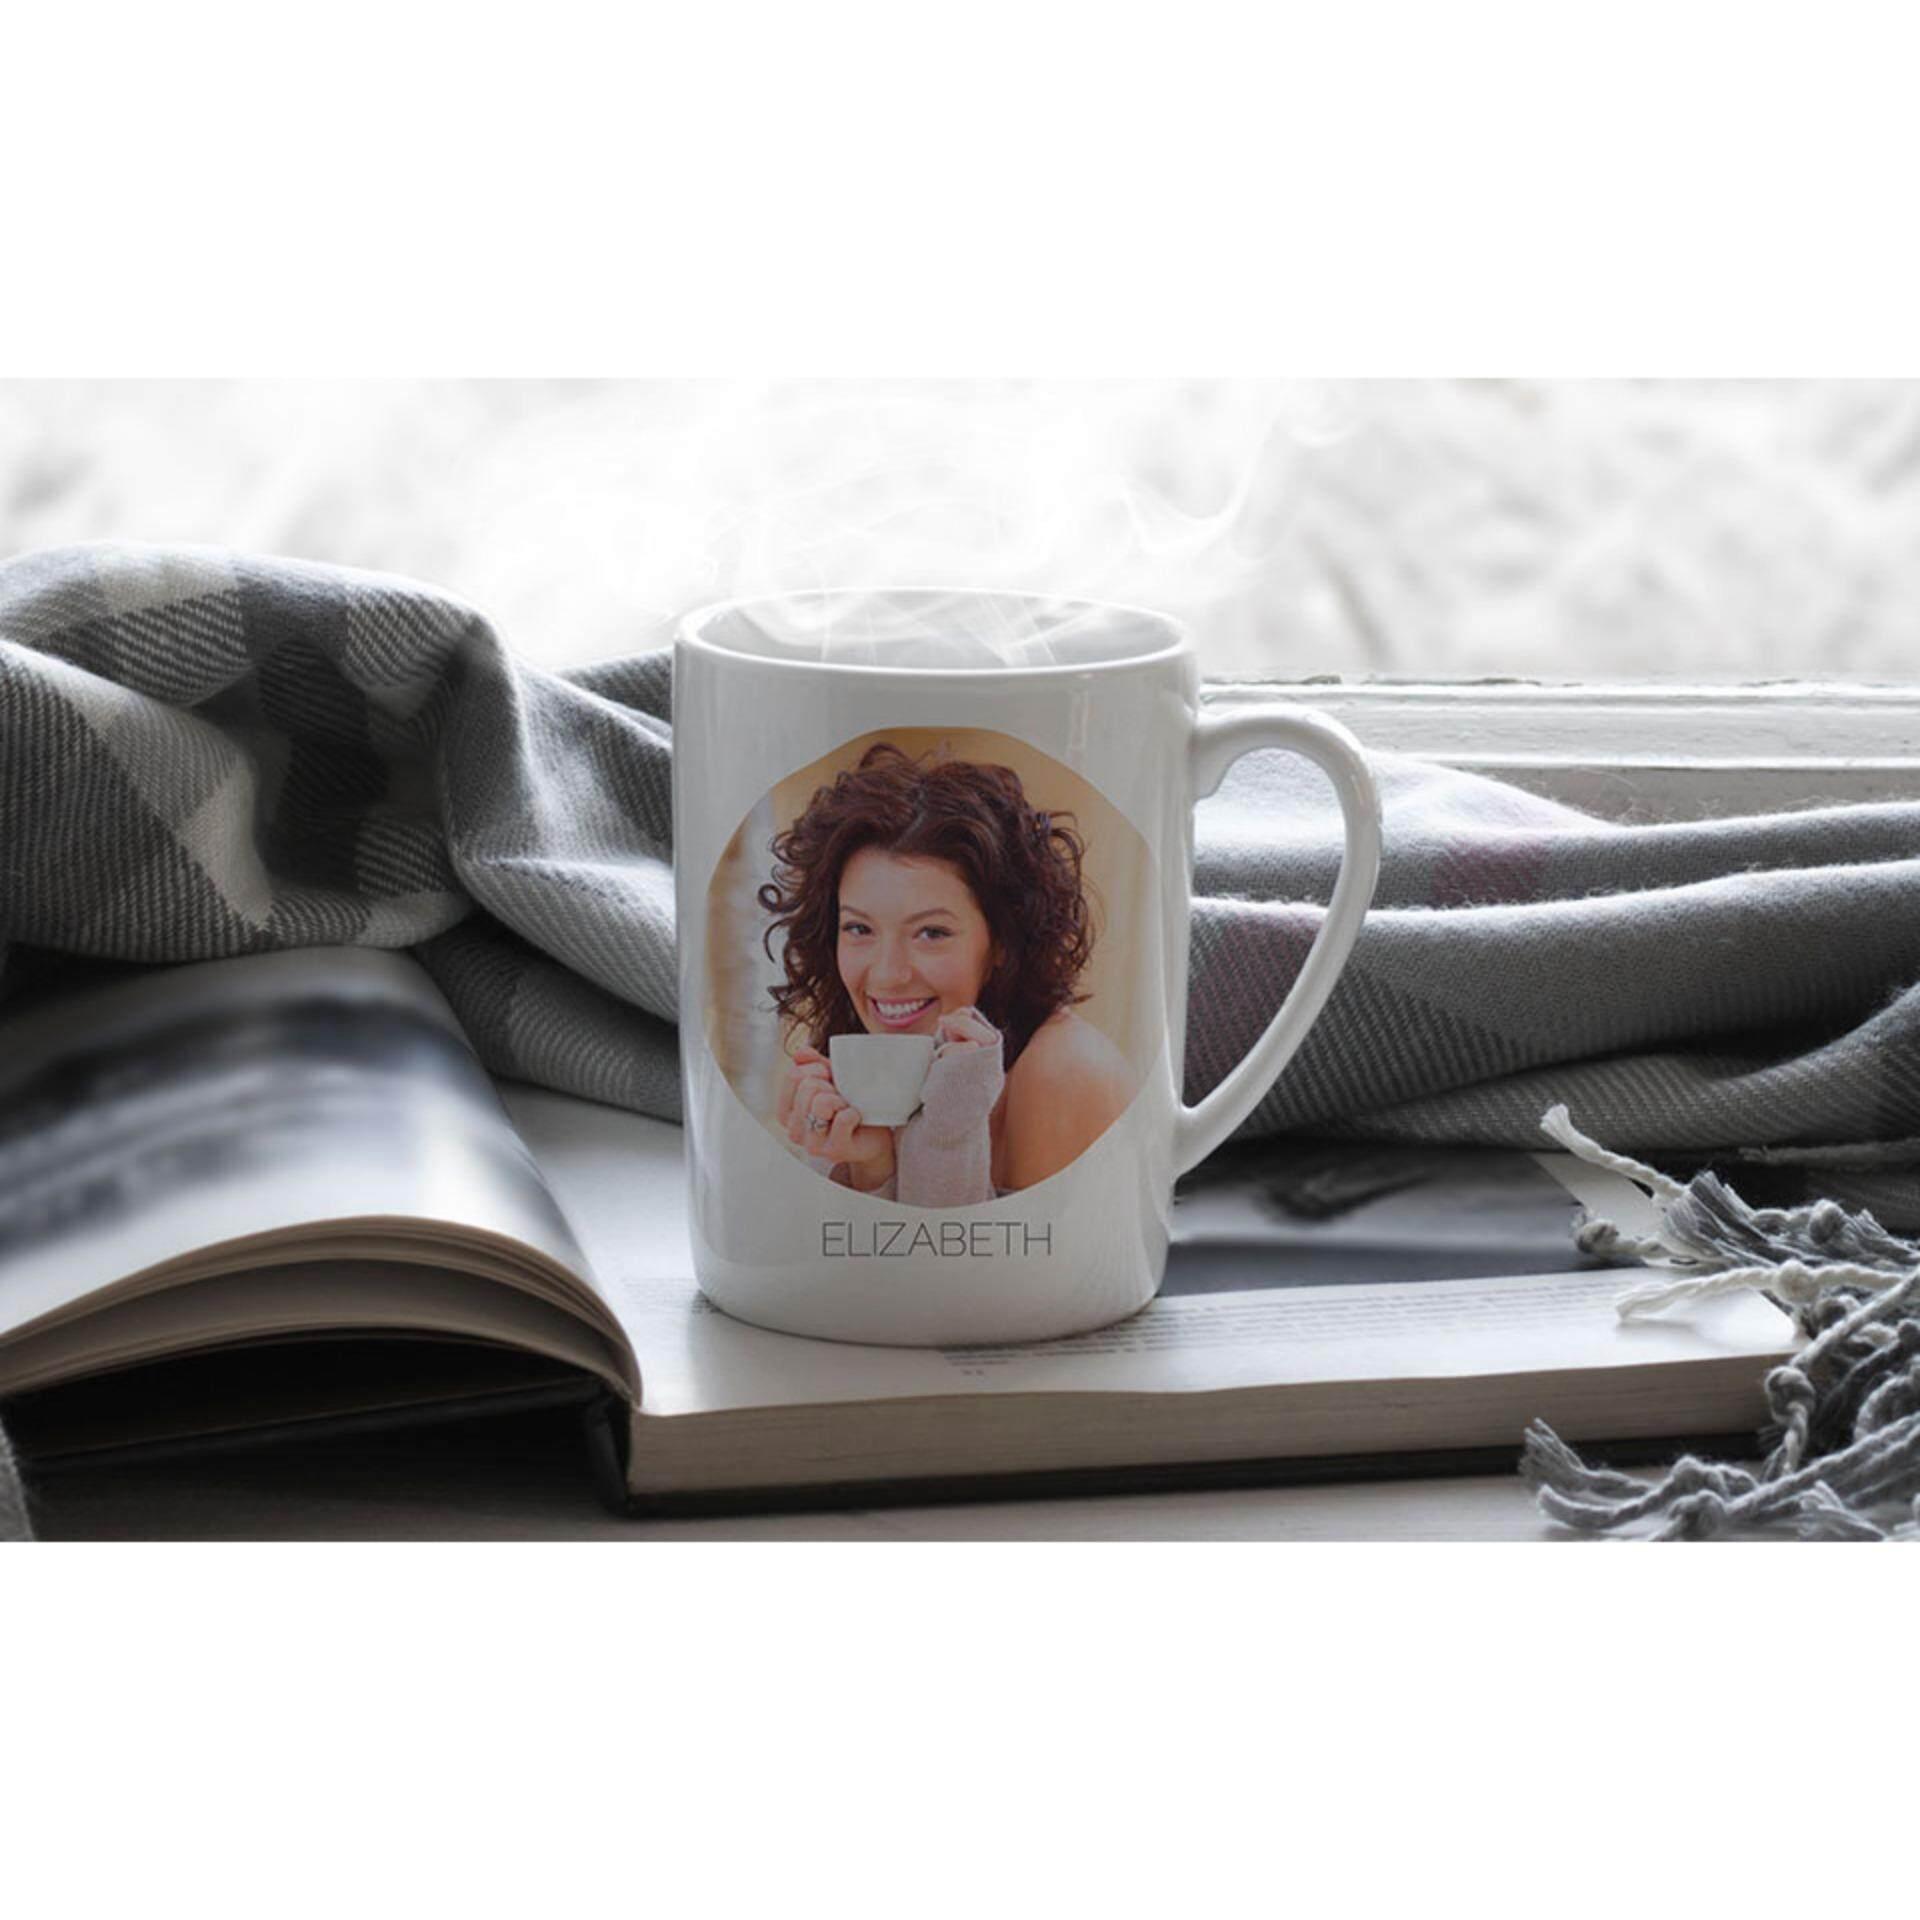 Photobook Malaysia Personalised Single Photo Mug